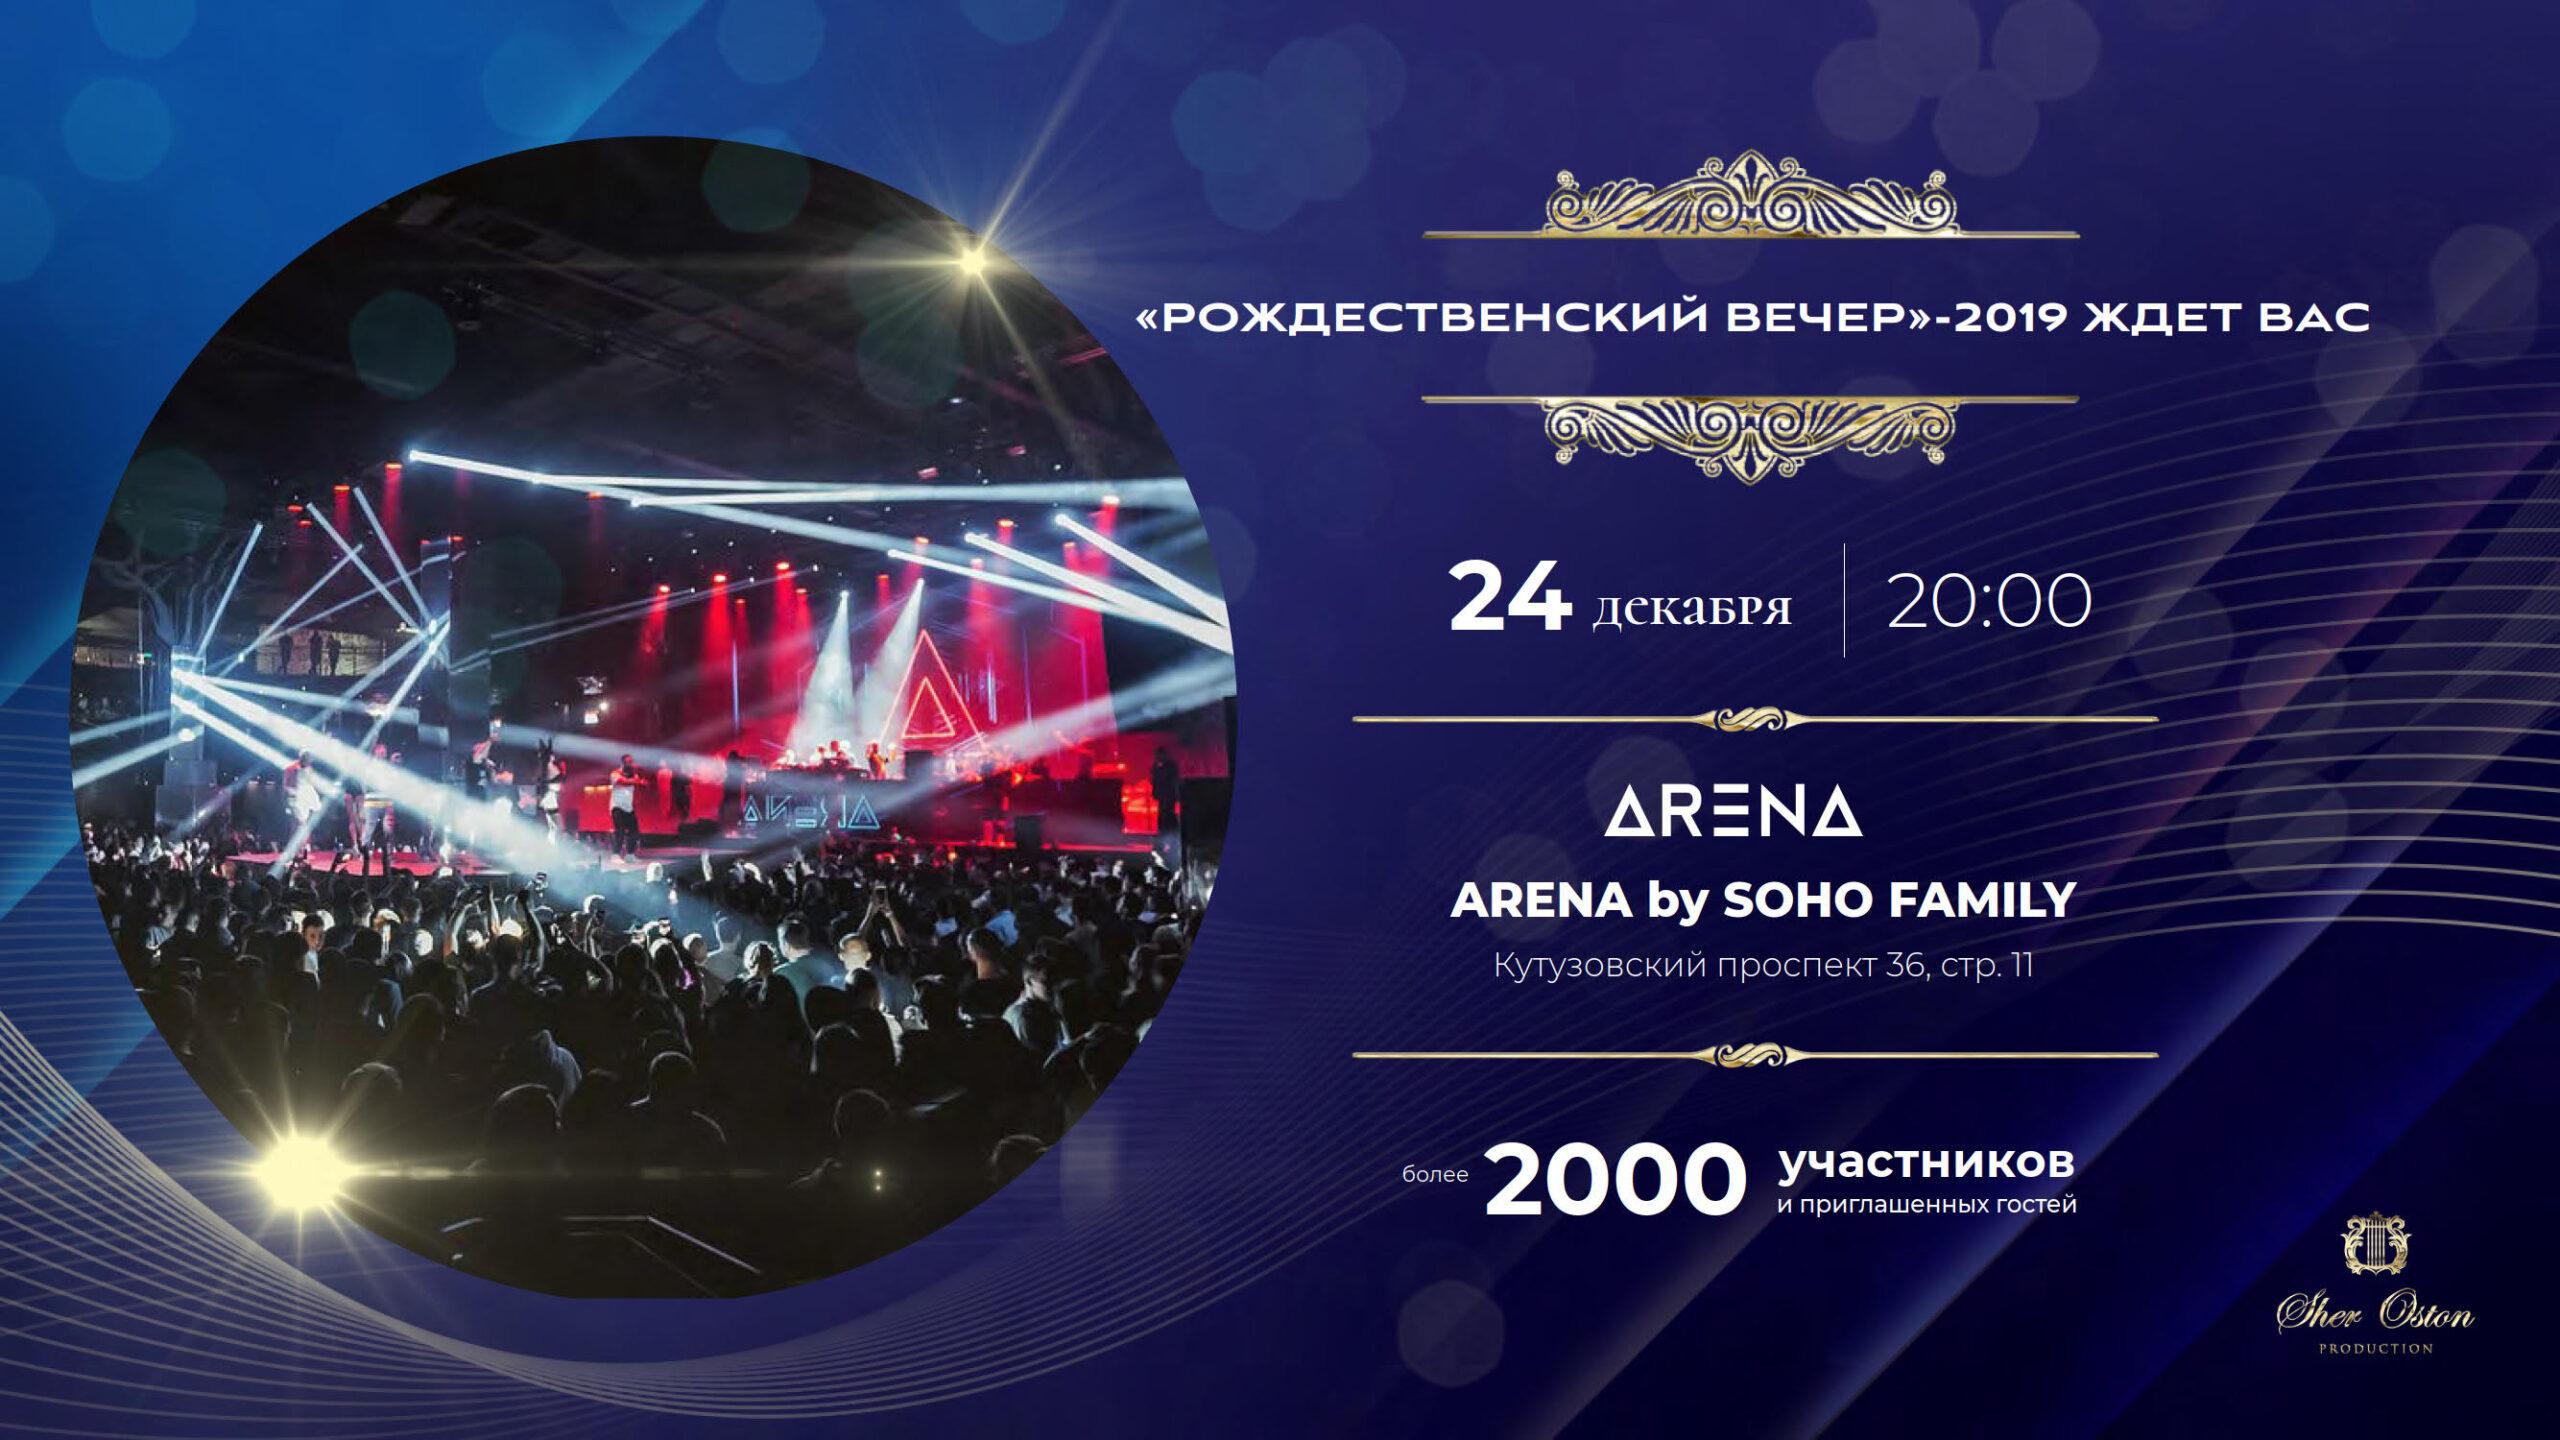 Prezentacija-koncerta-uchastniki-data